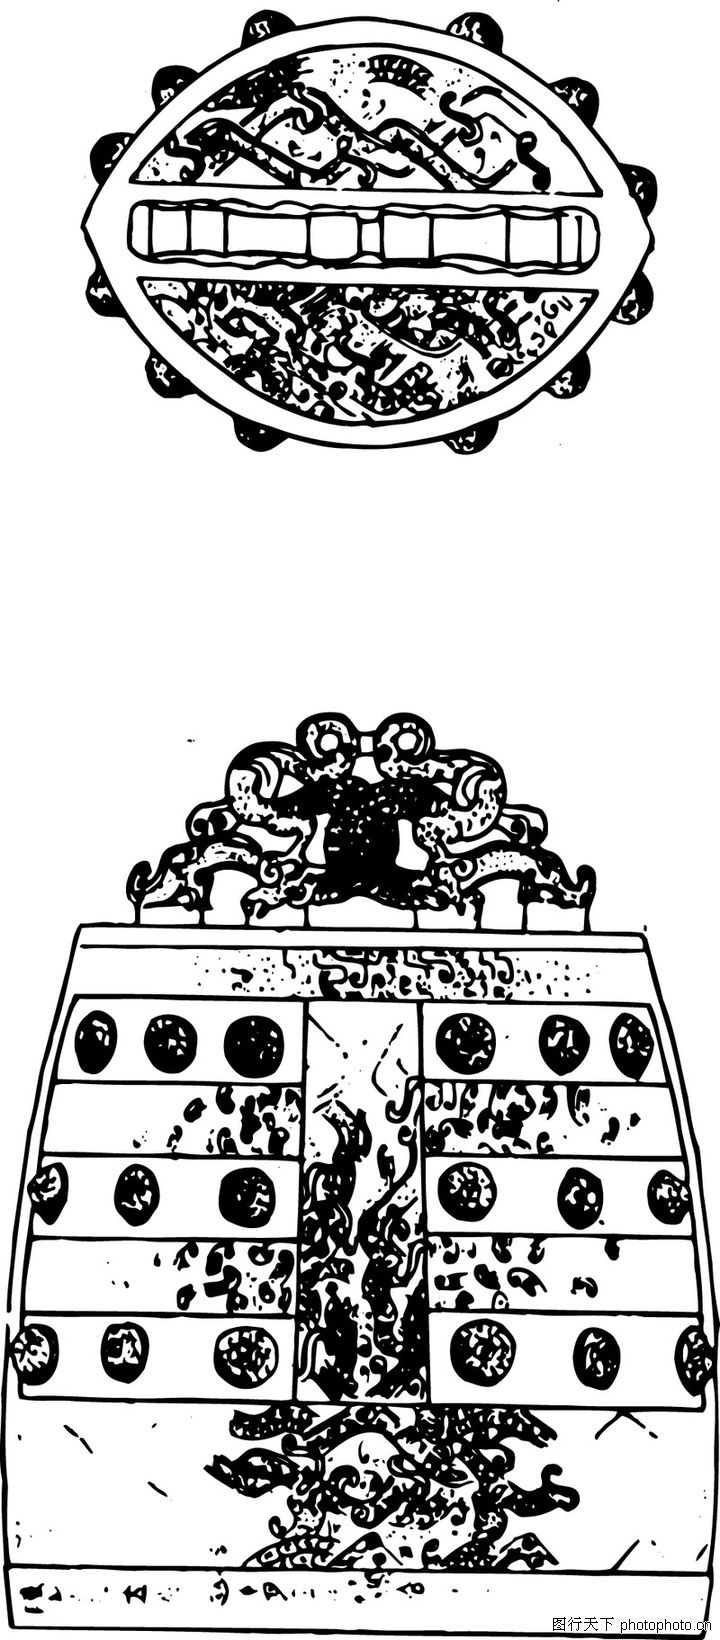 首页 矢量图库 中国古图案 春秋战国 >>春秋战国1102.